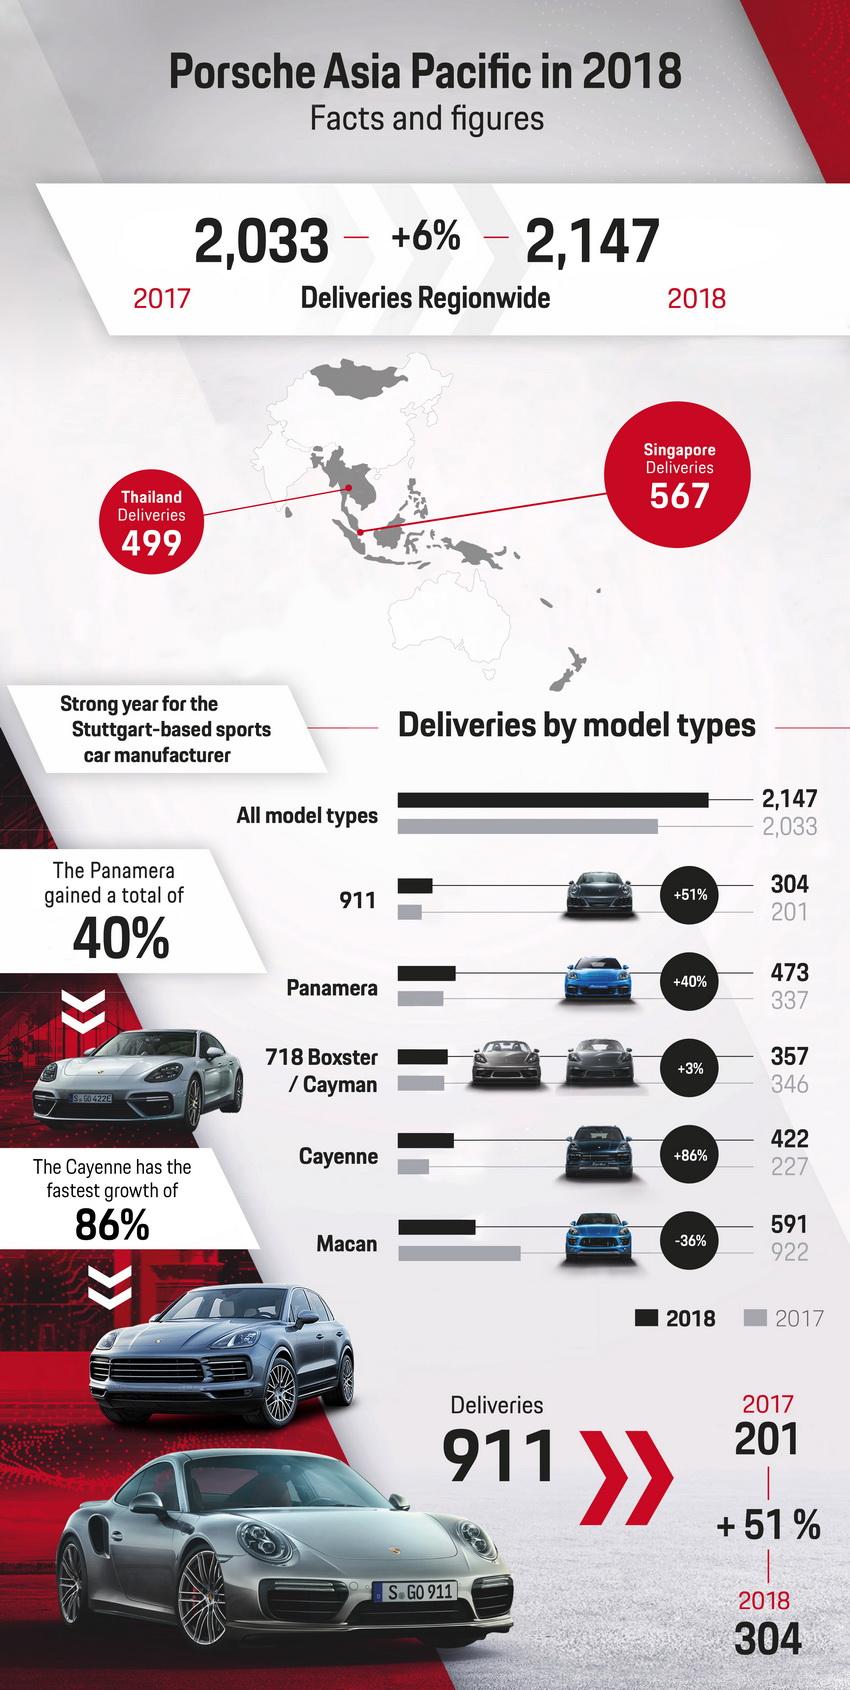 dòng xe bán chạy nhất của Porsche